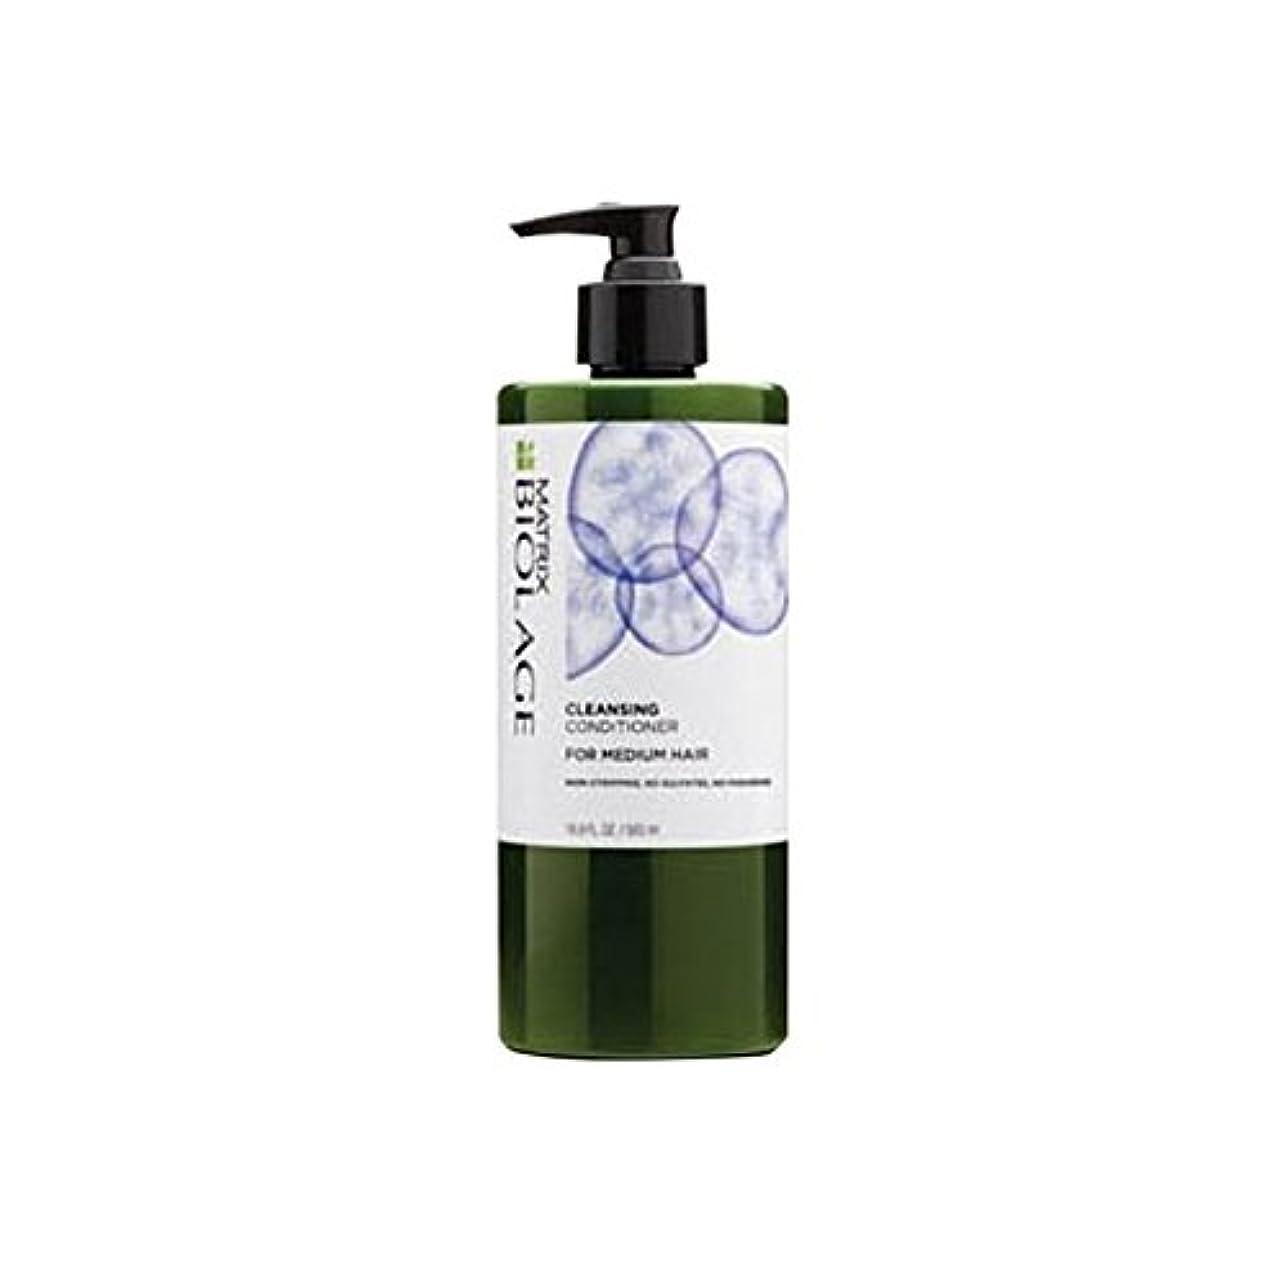 水銀のを必要としています口頭Matrix Biolage Cleansing Conditioner - Medium Hair (500ml) - マトリックスバイオレイジクレンジングコンディショナー - メディア髪(500ミリリットル) [並行輸入品]